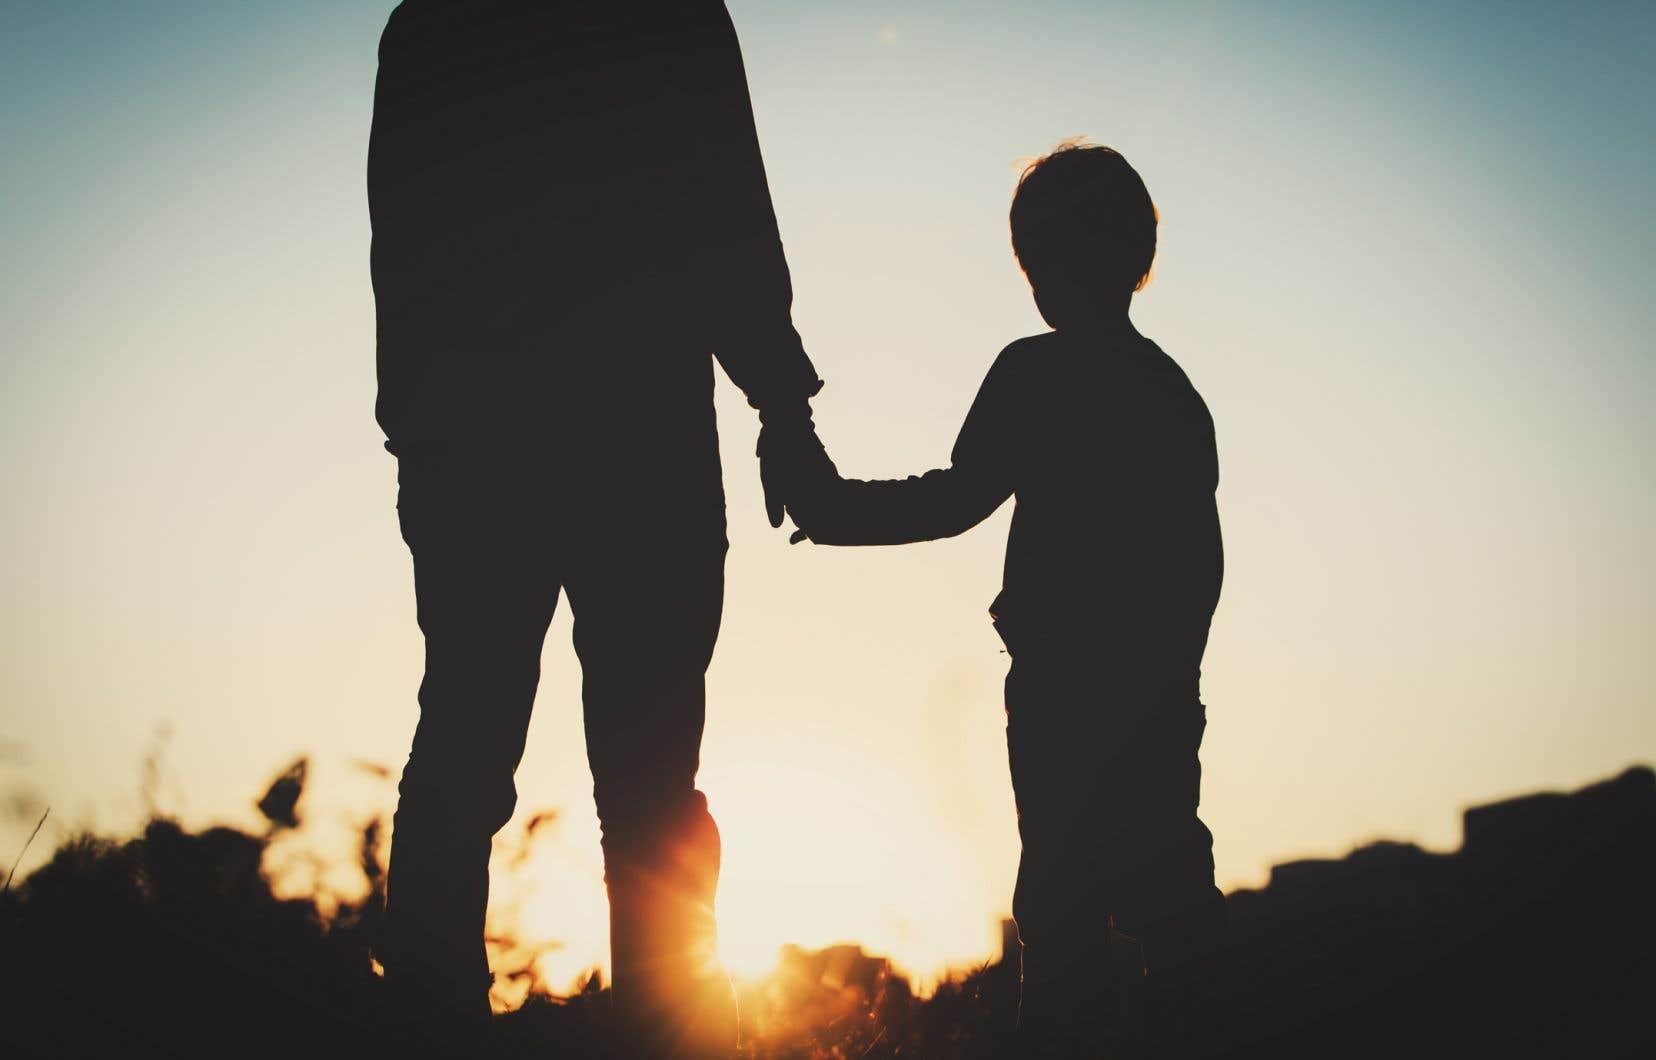 «Mon plus grand souhait, au départ partagé par la mère et la co-mère, était que les trois parties au projet parental soient reconnues comme parents de l'enfant à part entière», écrit l'auteur.